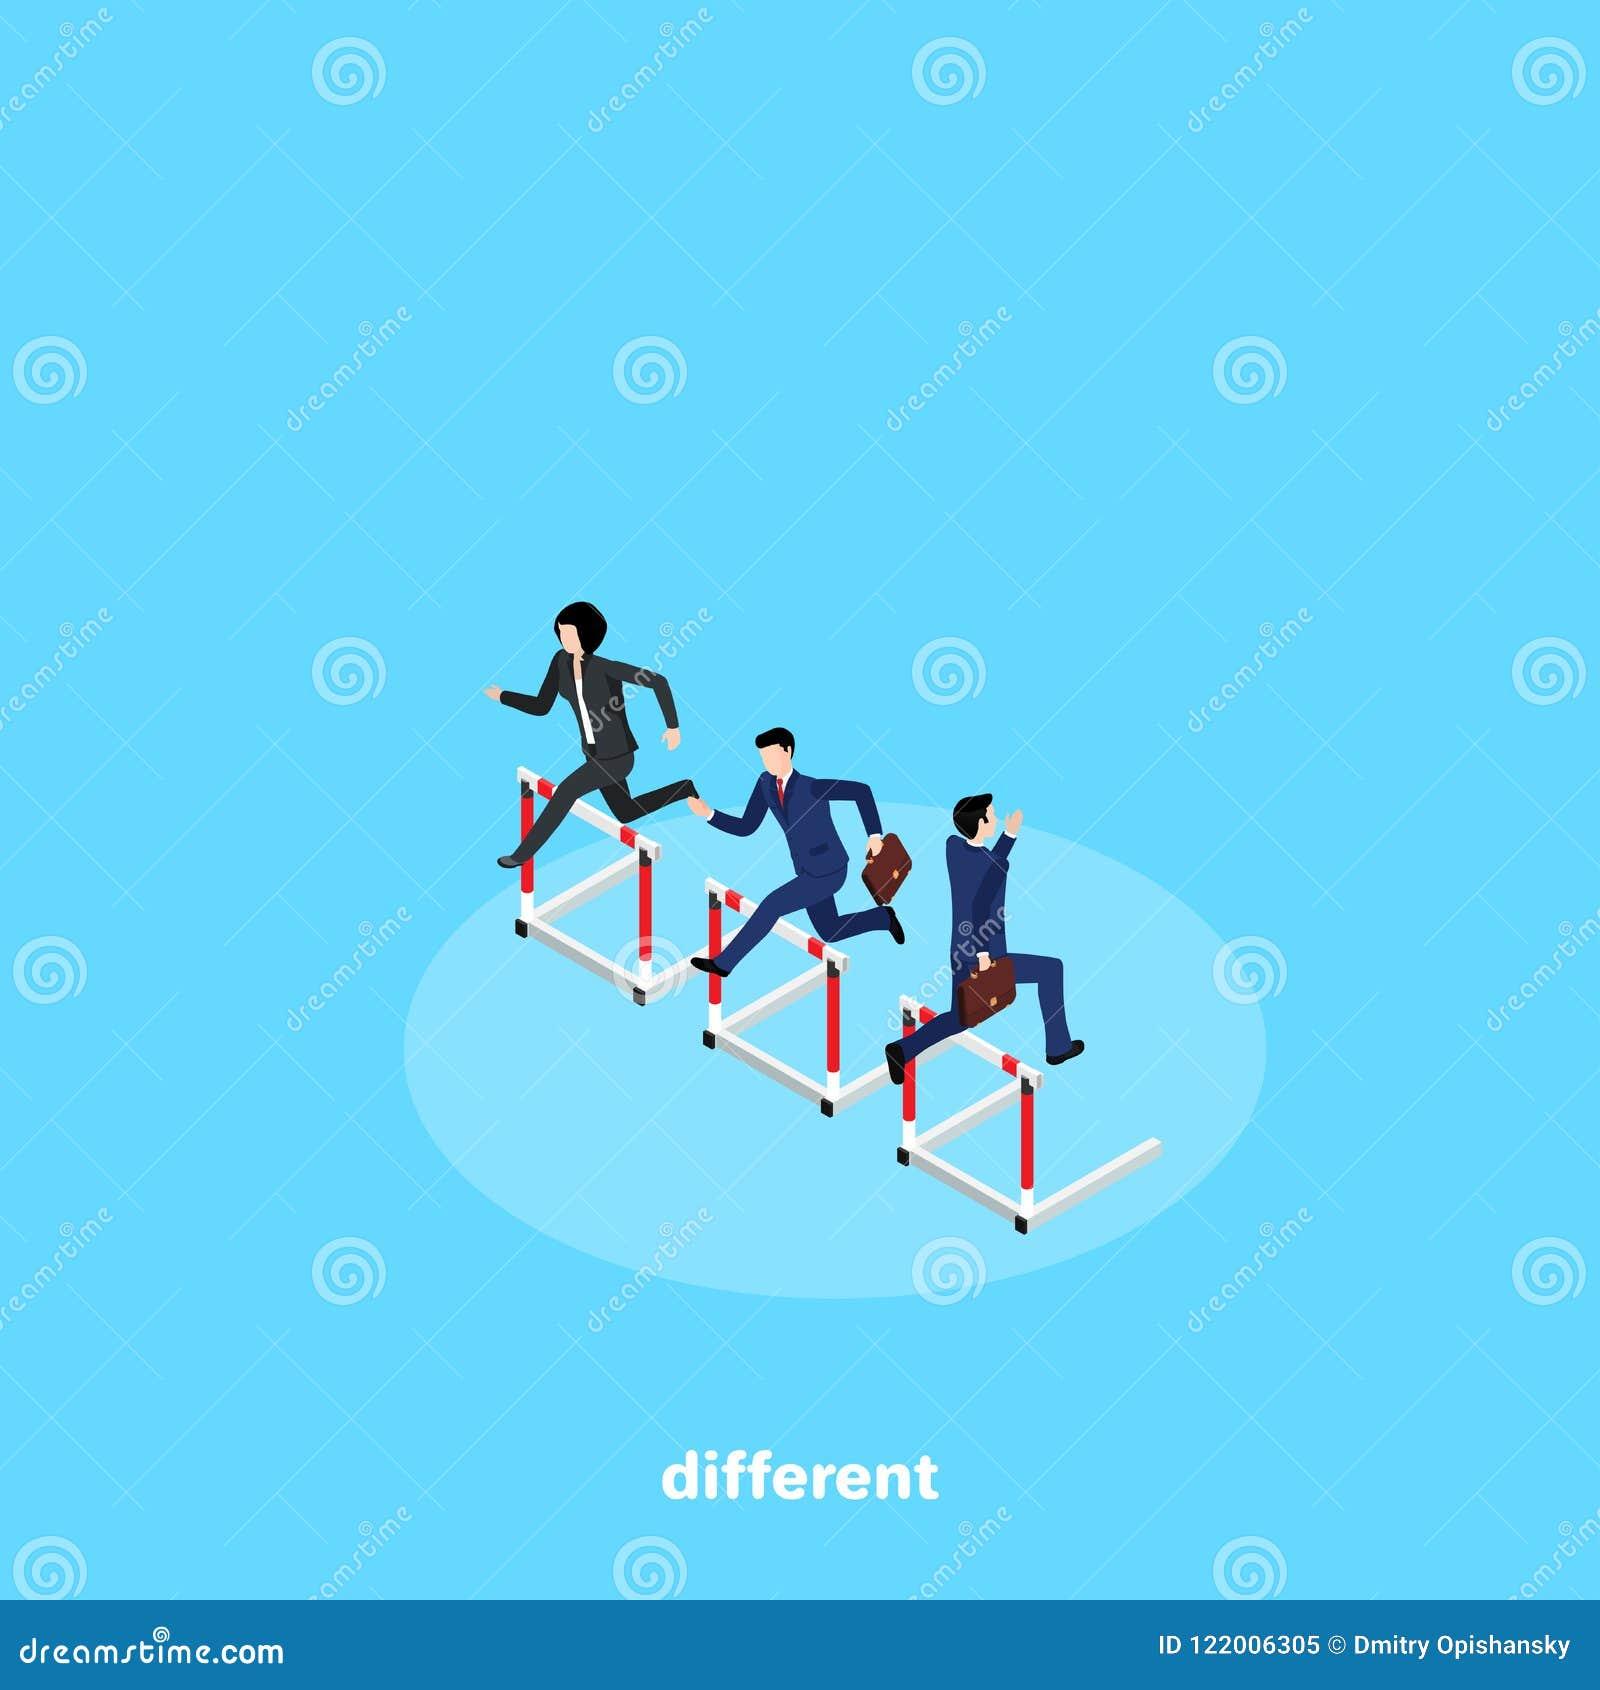 Люди в деловых костюмах состязаются в бежать с препятствиями но бегутся в различных направлениях